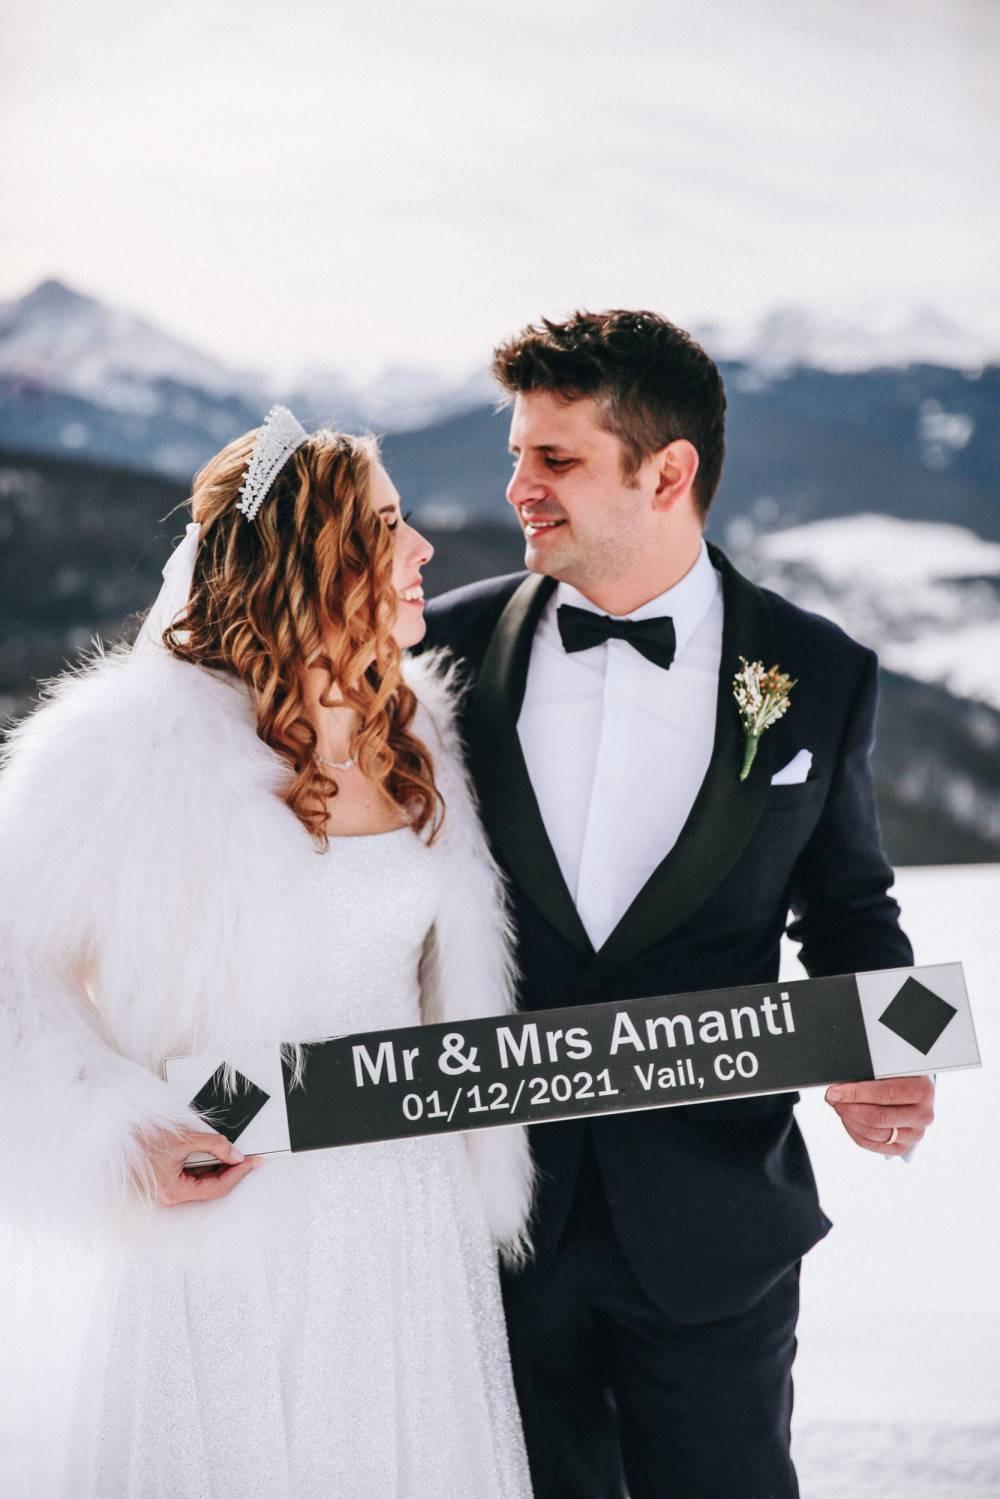 Colorado winter micro wedding